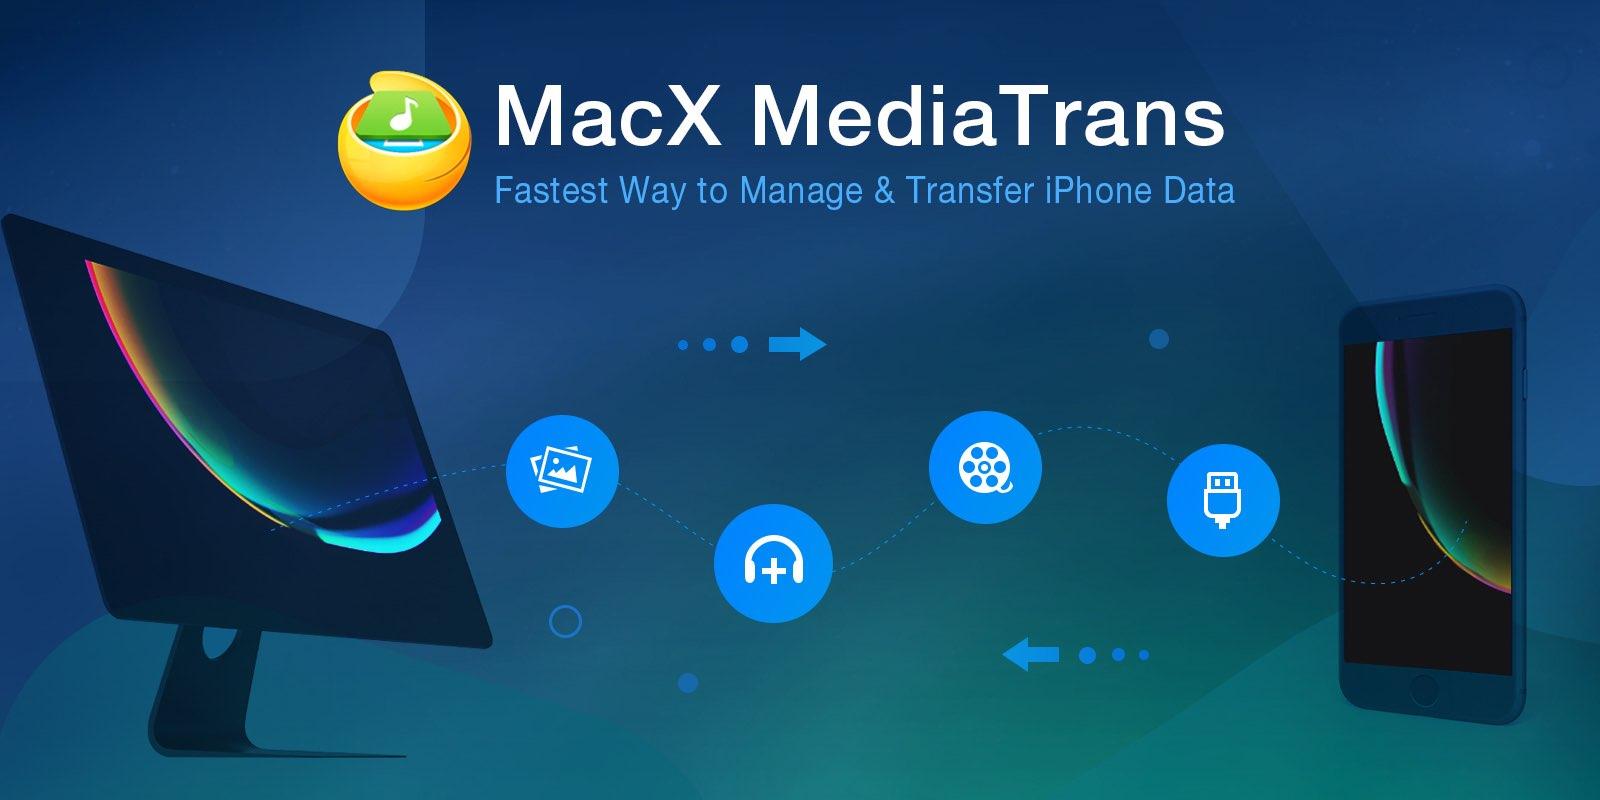 Alternativa de iTunes: MacX MediaTrans para Mac y Windows incluye sincronización selectiva y muchas funciones que no son compatibles con el torpe software de jukebox iTunes de Apple